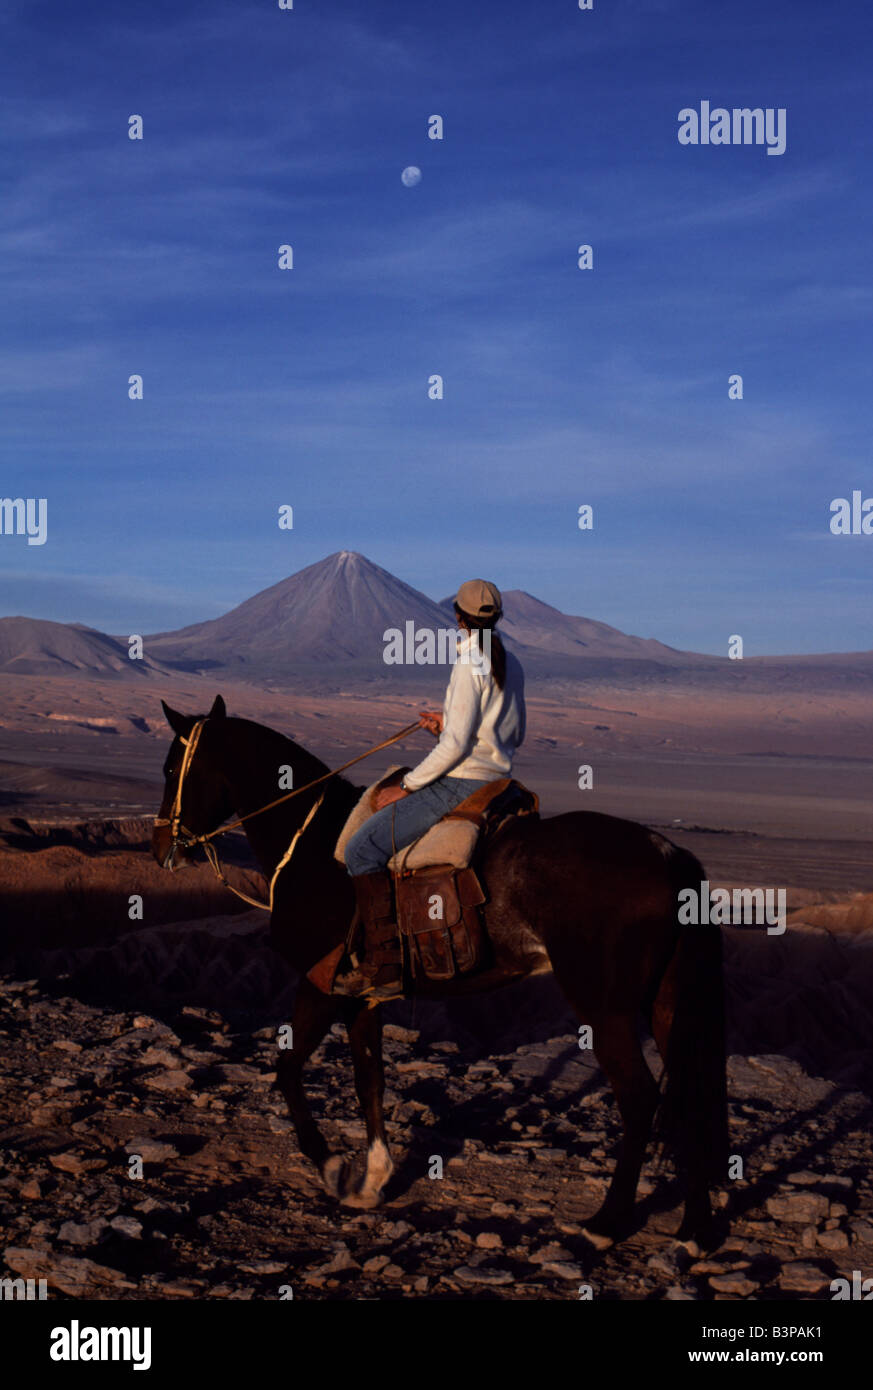 Chile, Atacama Desert. Looking out across the Salt Mountains towards Volcan Licancabur during a horse trek along - Stock Image